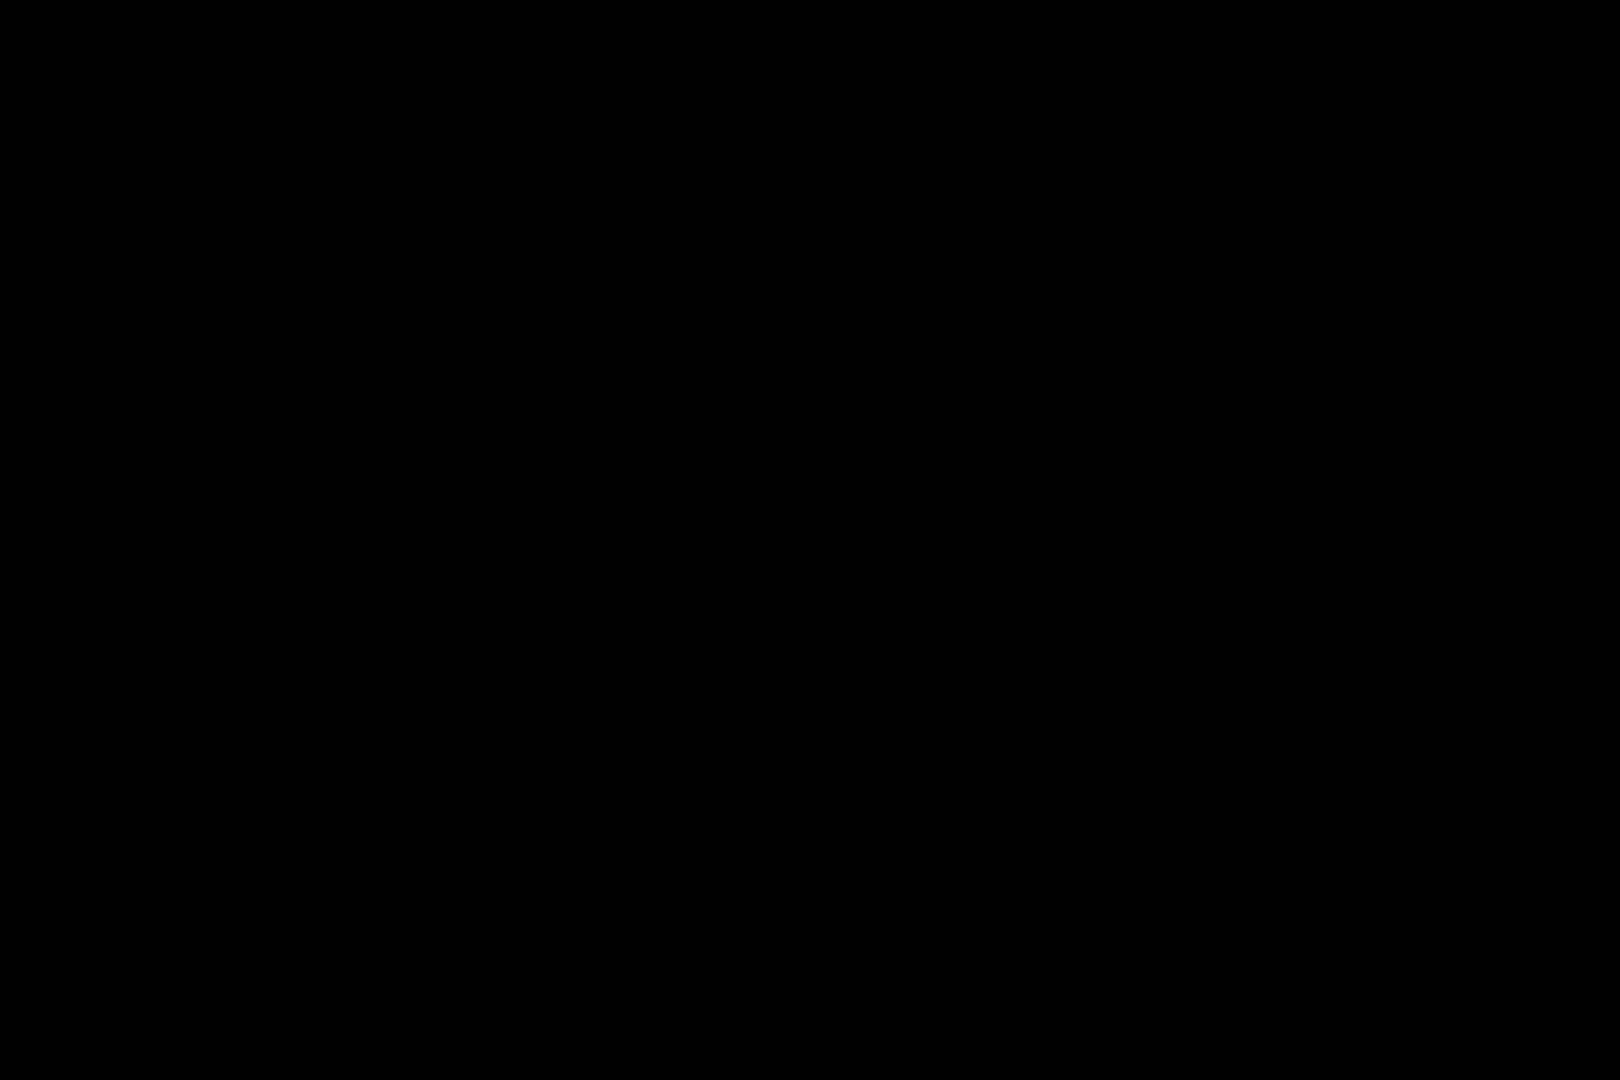 三ツ星シリーズ 魅惑のMemorial Night!! vol.04 無修正 ゲイヌード画像 58pic 2